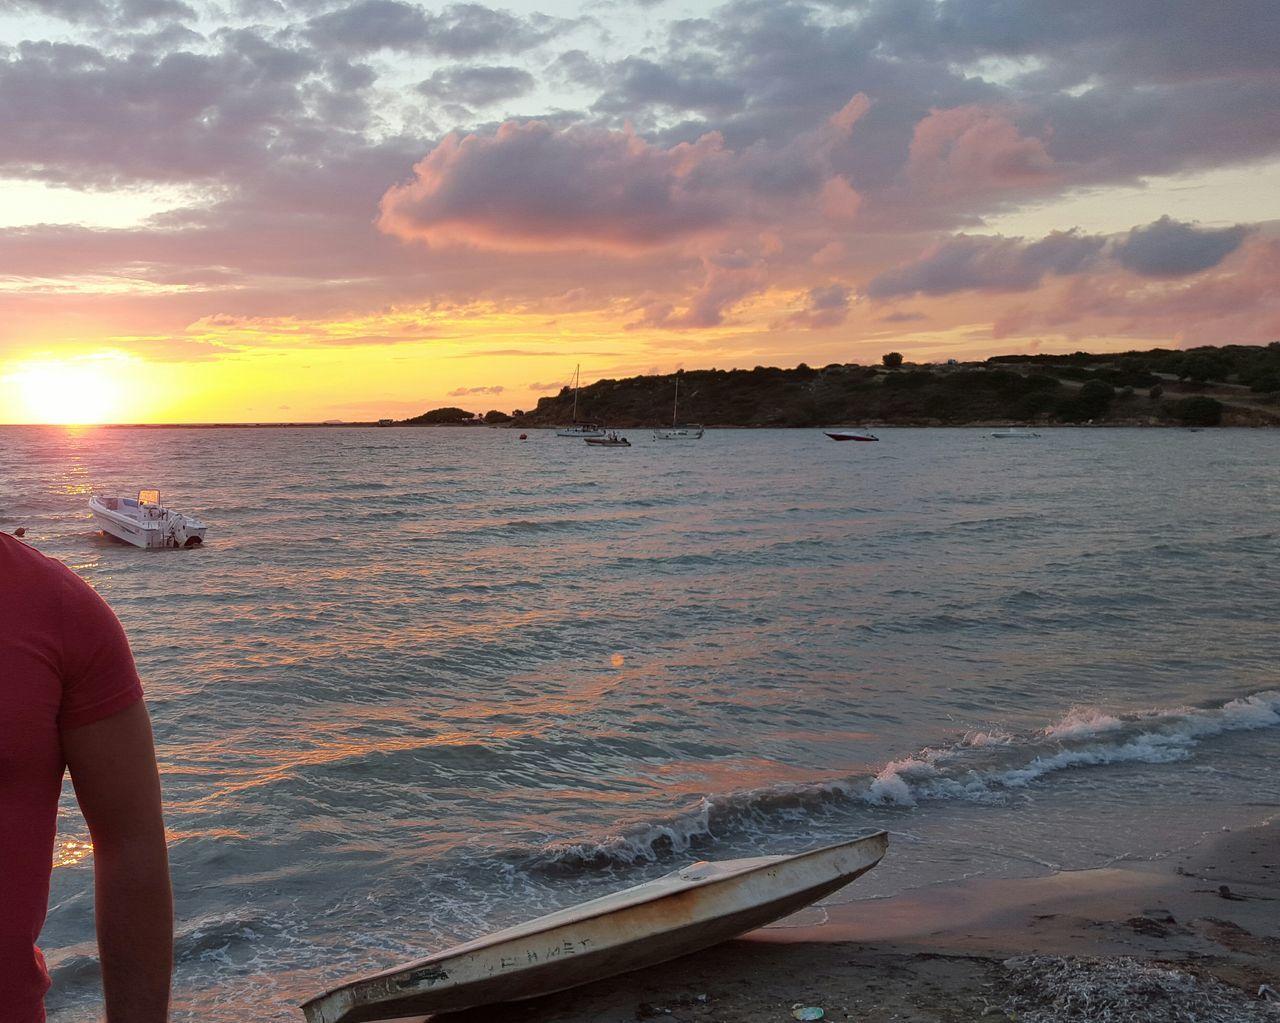 Amazing Sunlight Turkey Aydin Sea Beach Sun Boat Travel Rock Aydin/Turkey Sunfall Noedit Nofilter